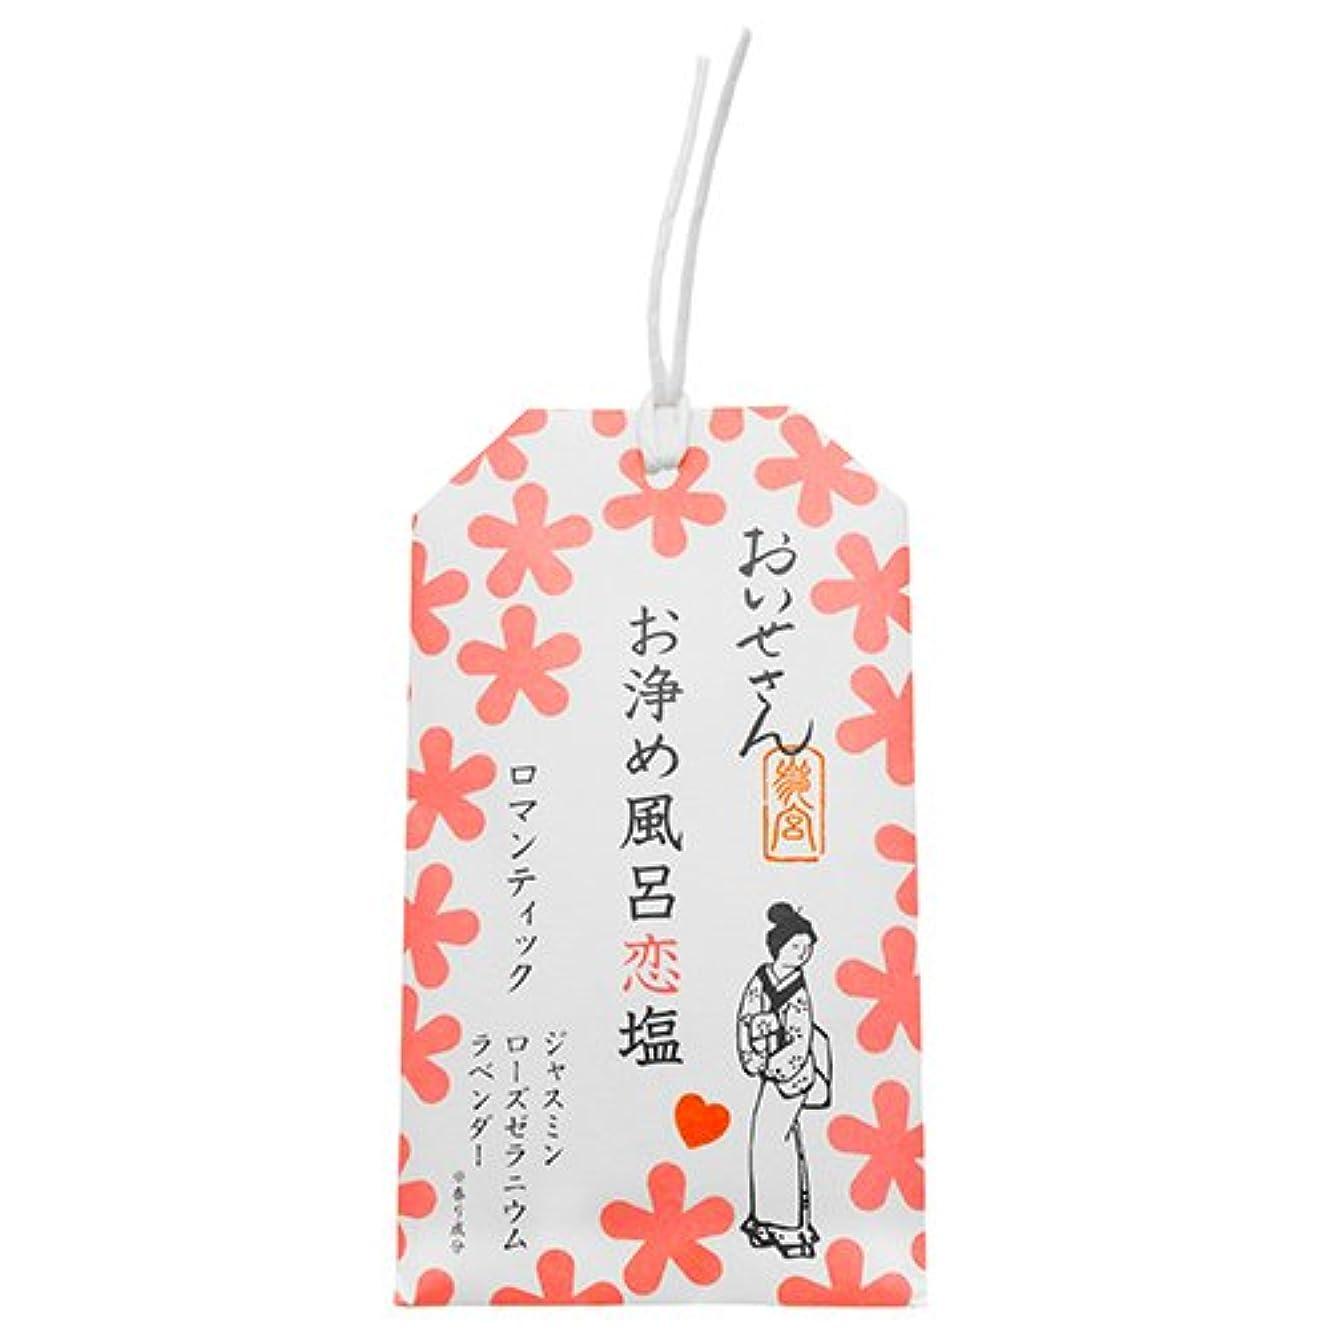 戦術のど連帯おいせさん お浄め風呂恋塩(ロマンティック)